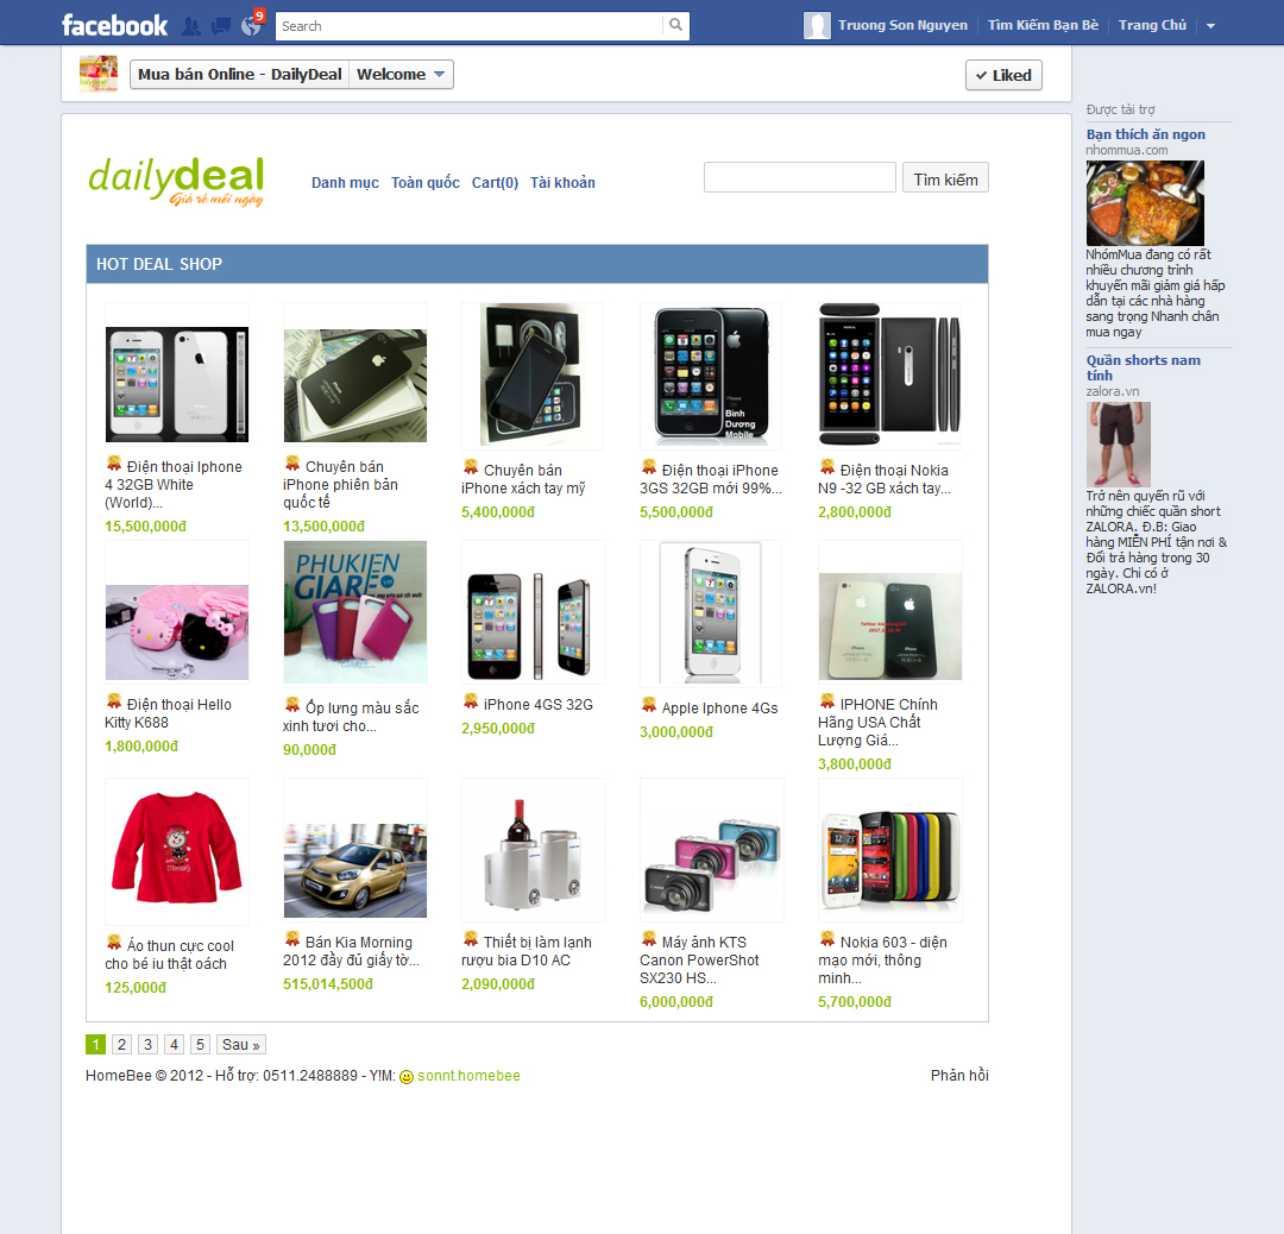 Cách Lập Shop Facebook | Cach Lap Shop Facebook | In Vien dong